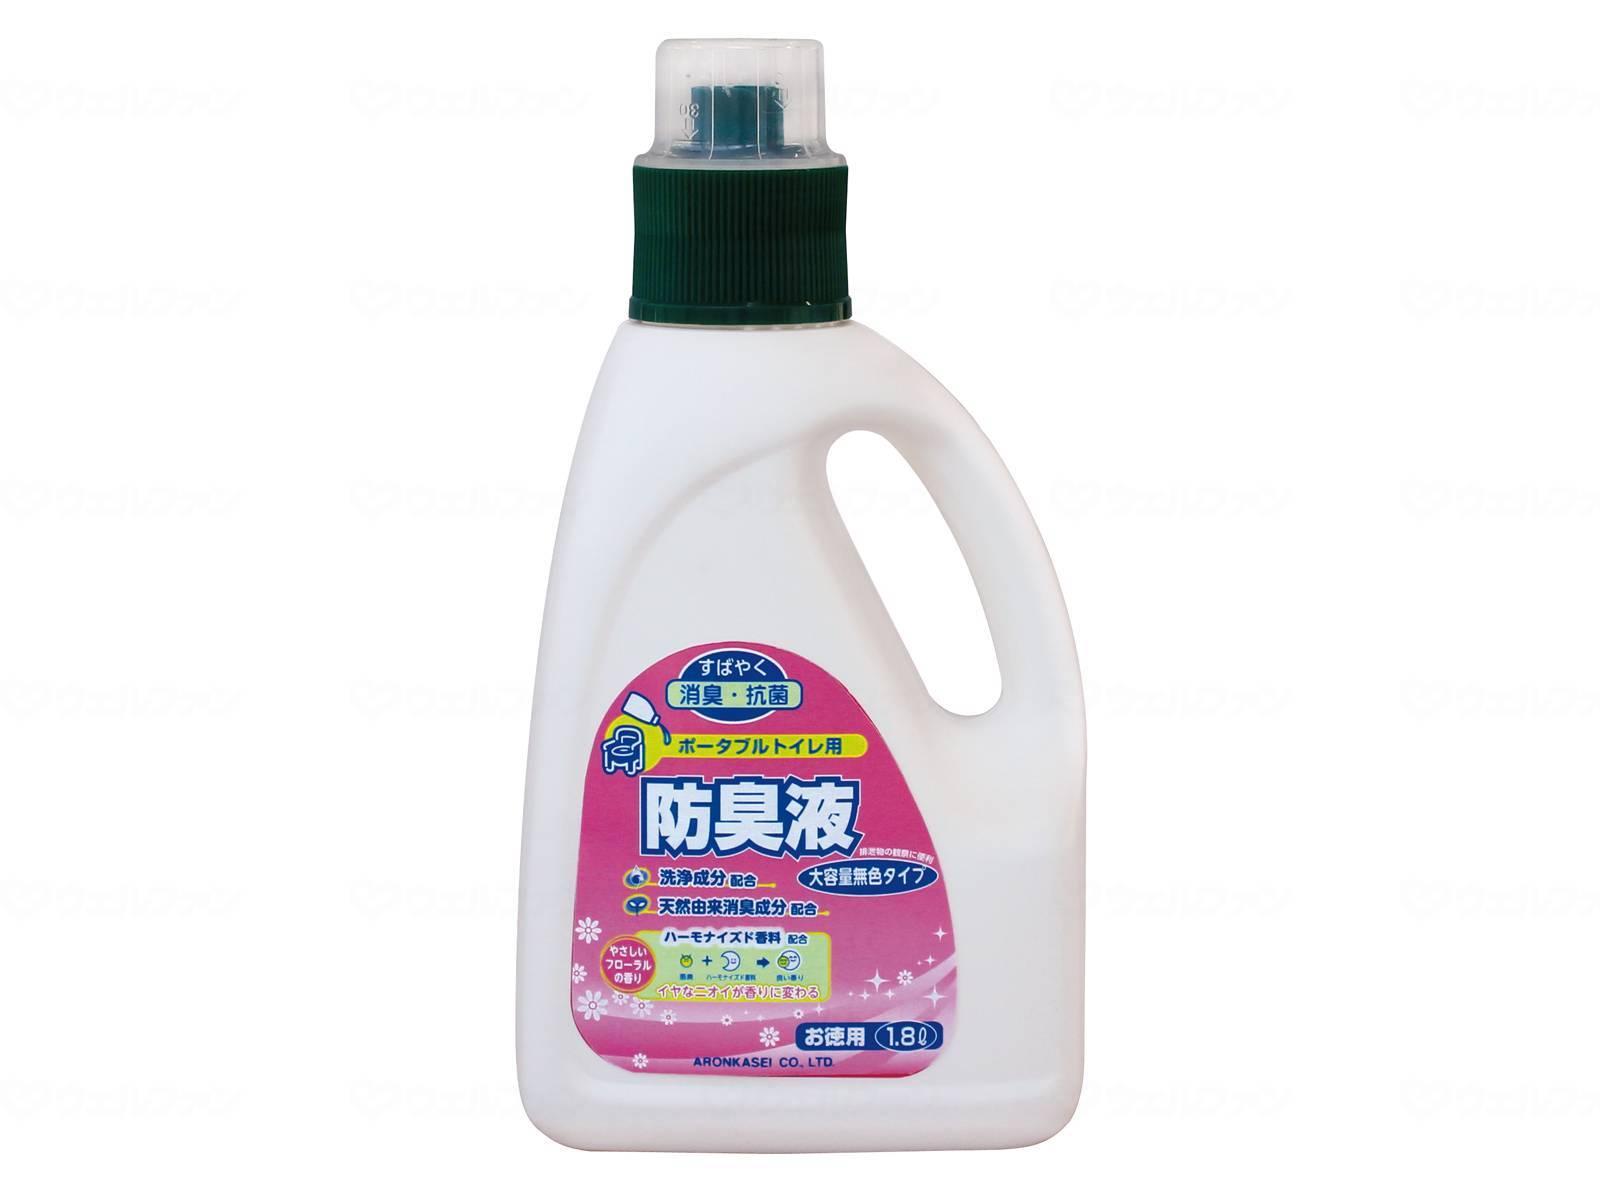 ポータブルトイレ用防臭液大容量(無色タイプ)